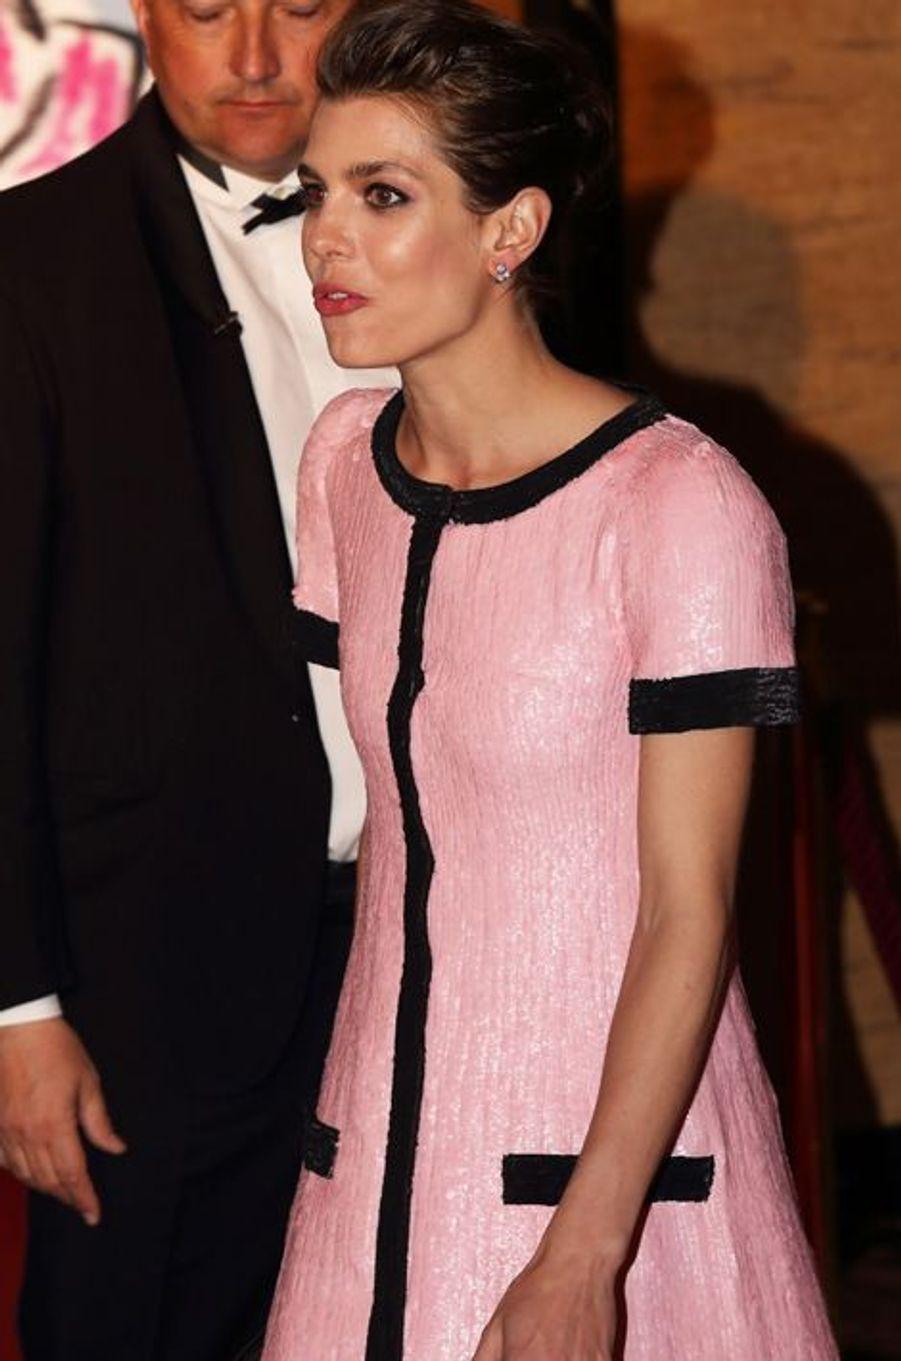 Charlotte Casiraghi au bal de la Rose à Monaco, le 28 mars 2015